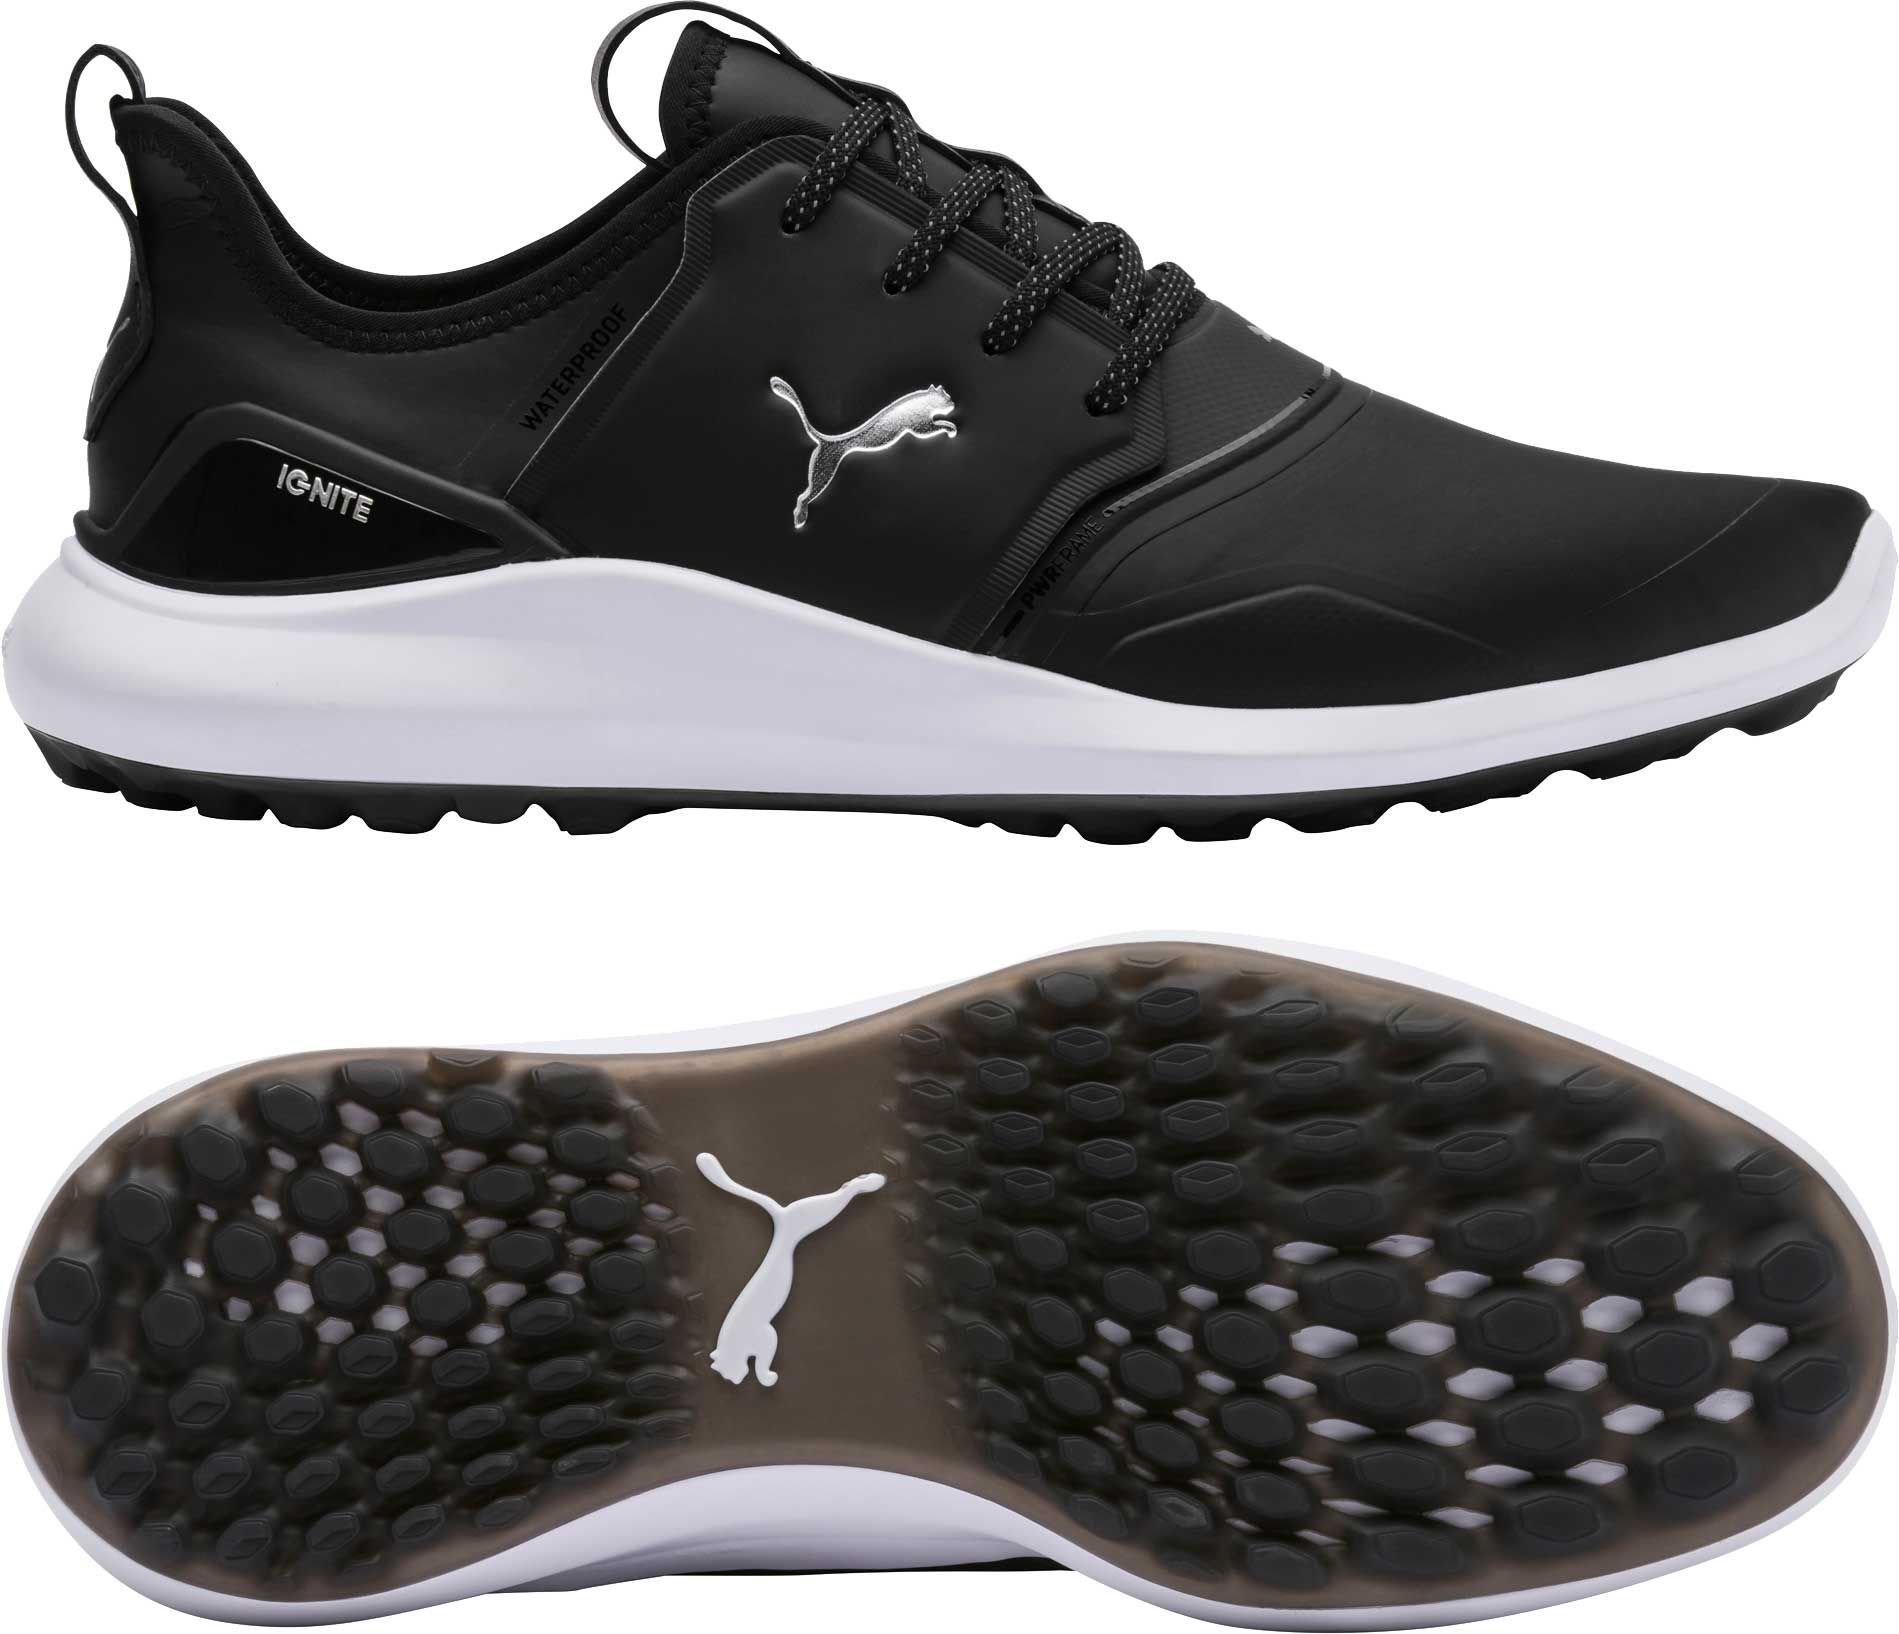 PUMA Men's IGNITE NXT Pro Golf Shoes   Golf shoes, Puma mens